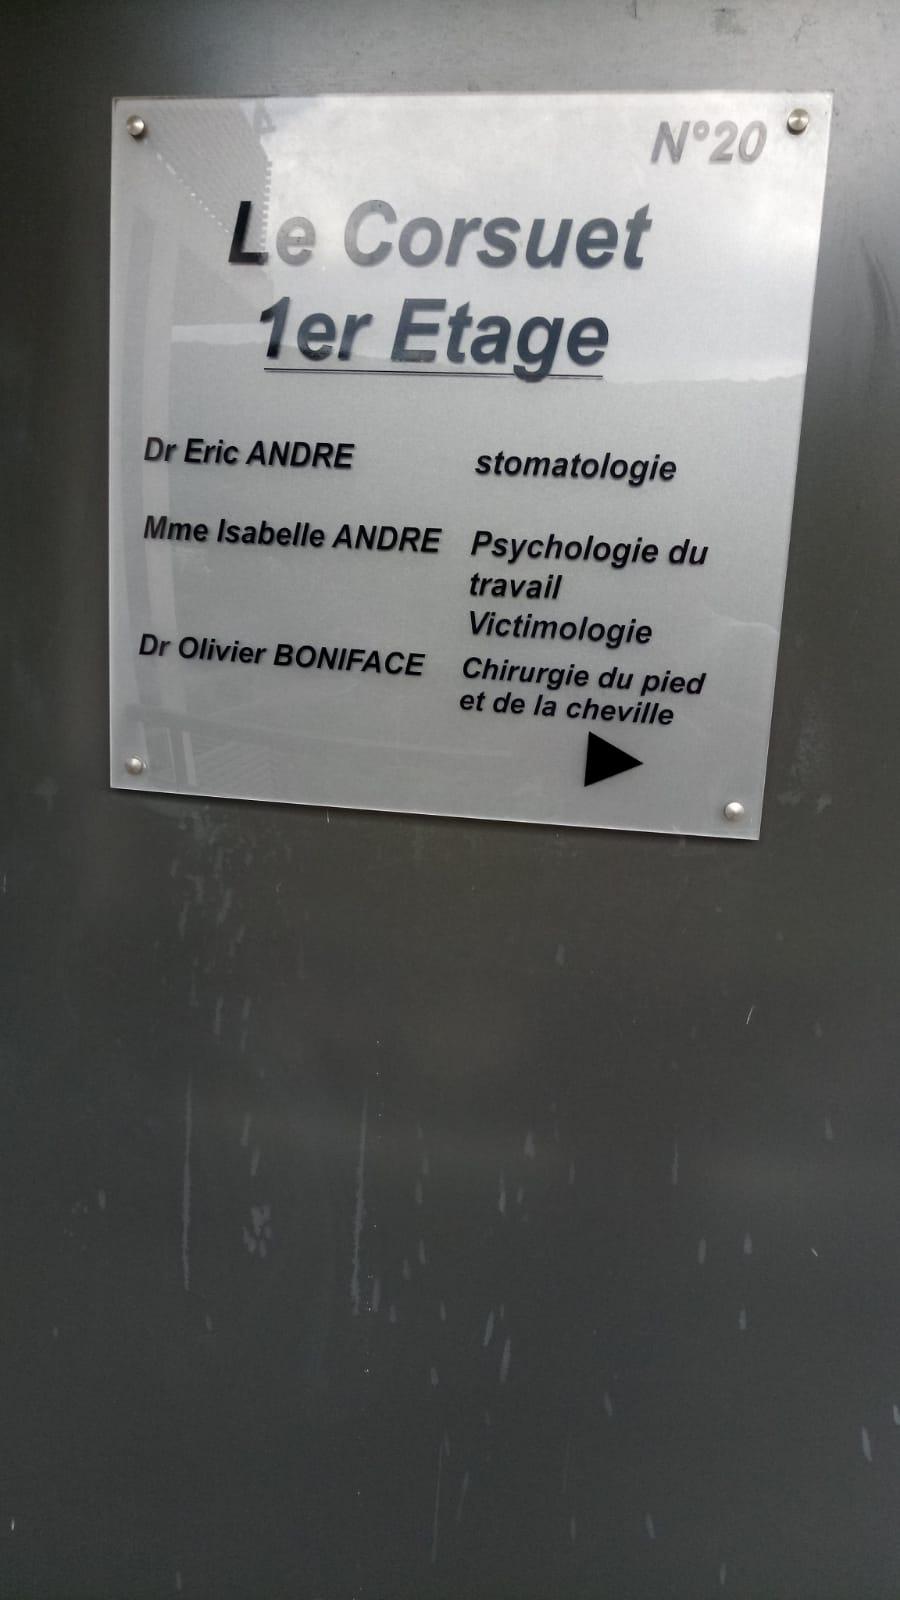 SIGNALÉTIQUE - PLAQUE DE PORTE - LE CORSUET - CHAMBÉRY - SAVOIE PUB